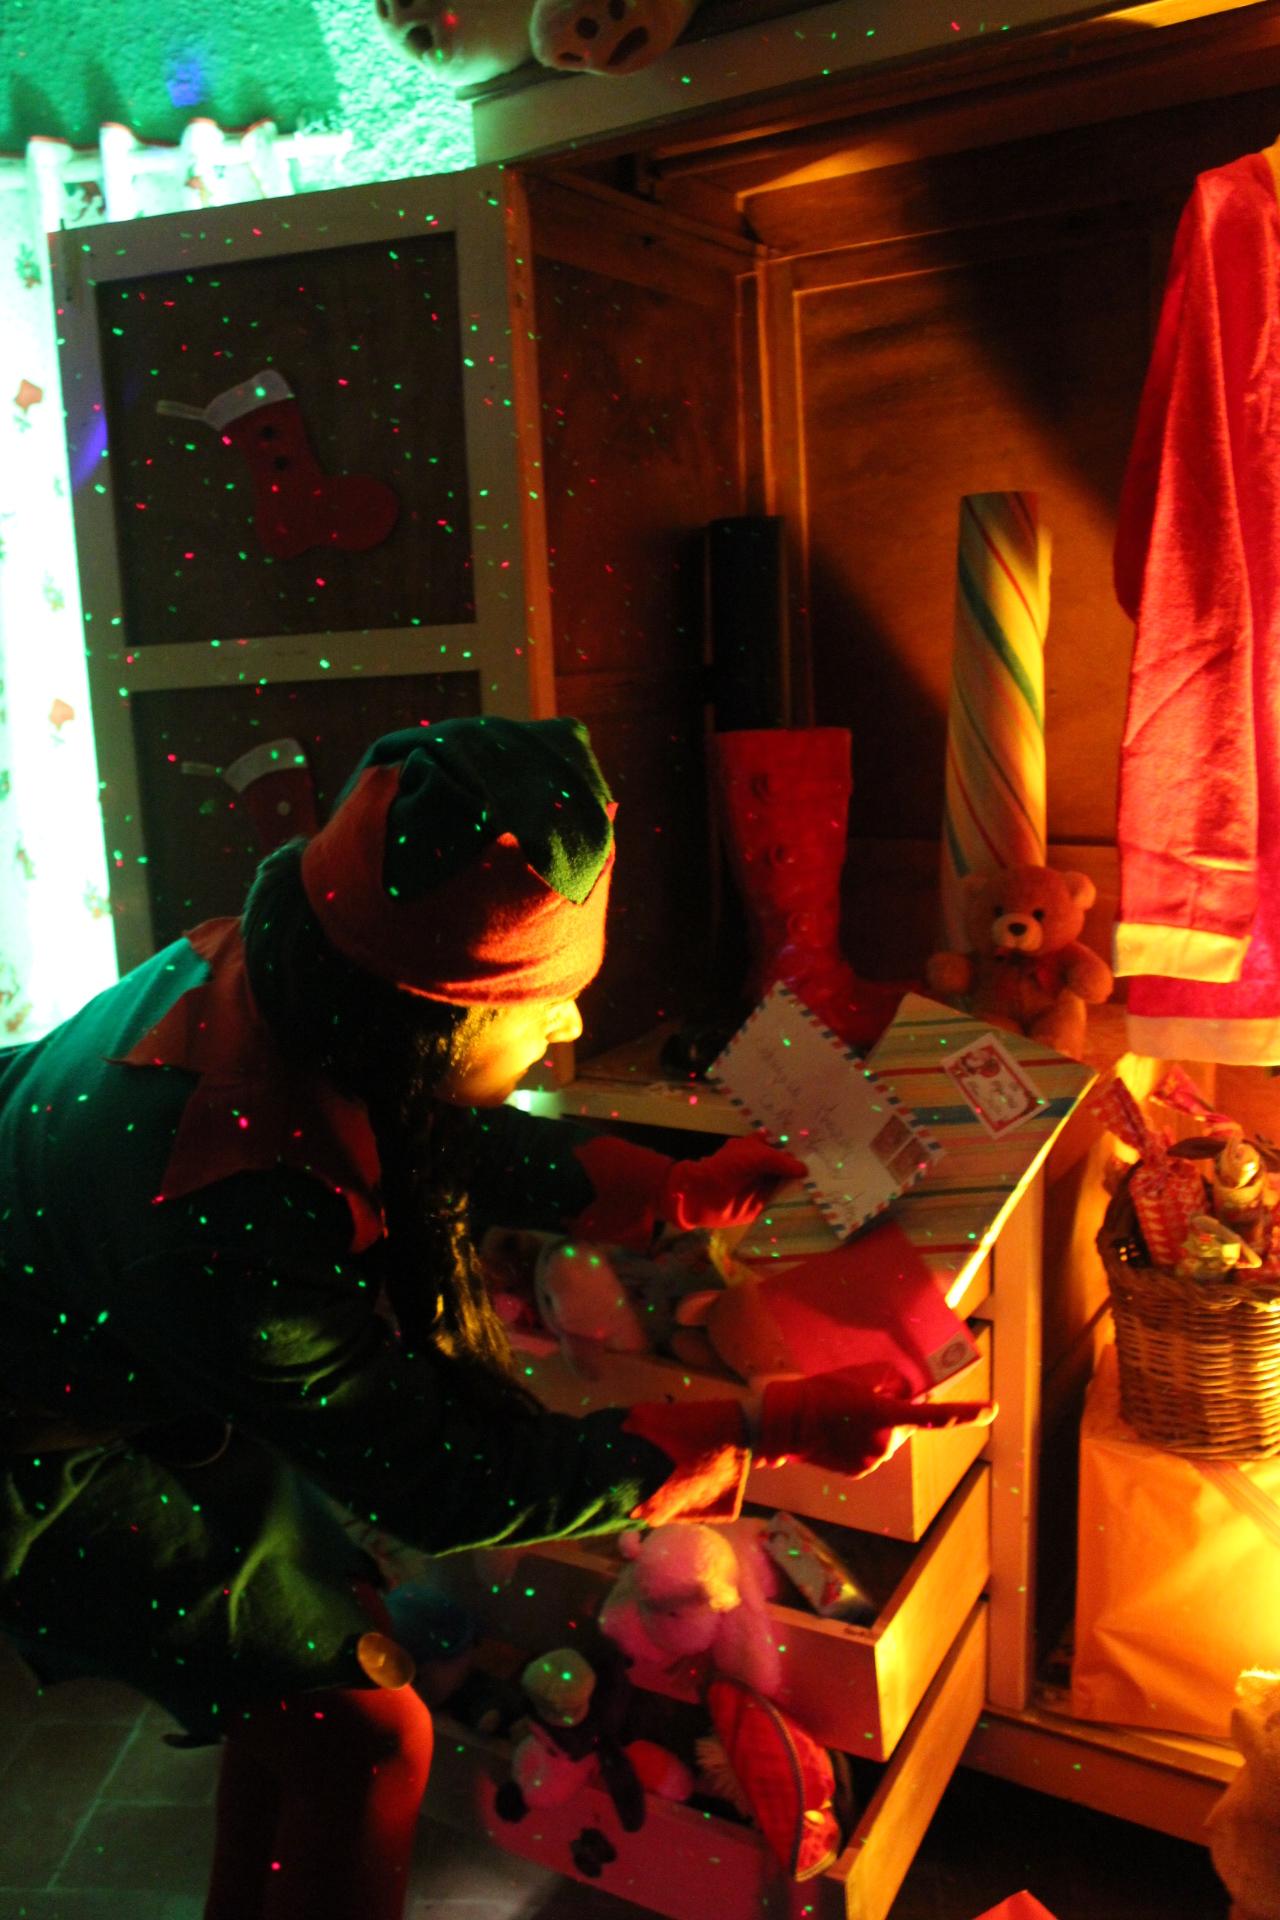 Los Prisiñas desvelan el secreto de Nicolás en una casa llena de magia e ilusión